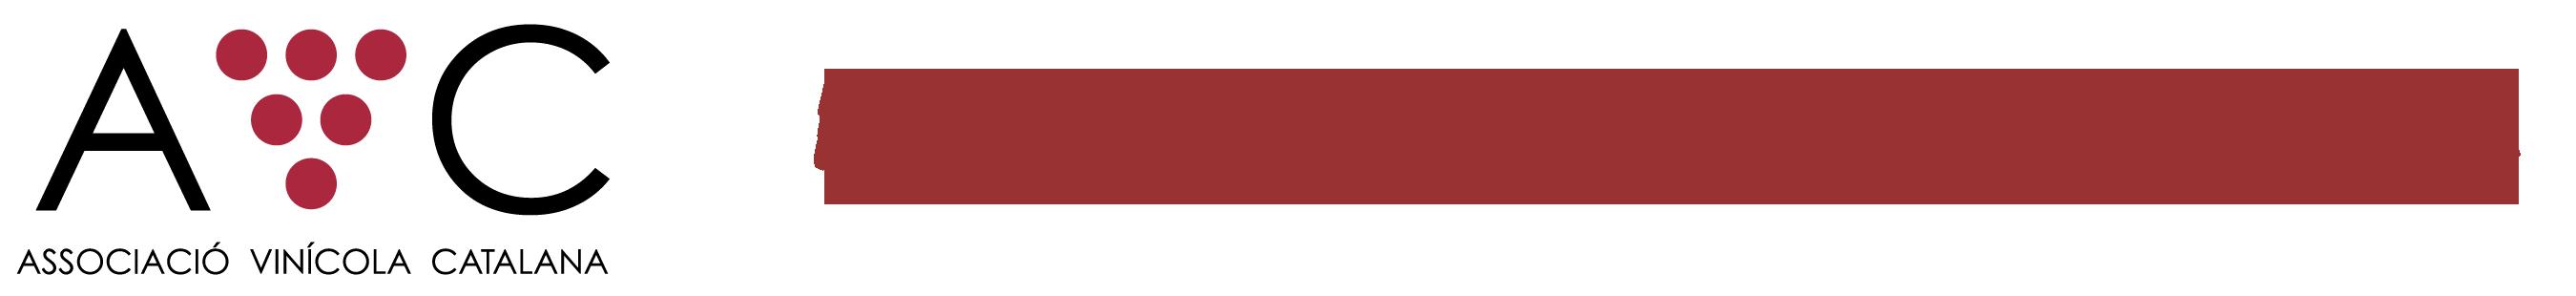 Associacio Vinicola Catalana